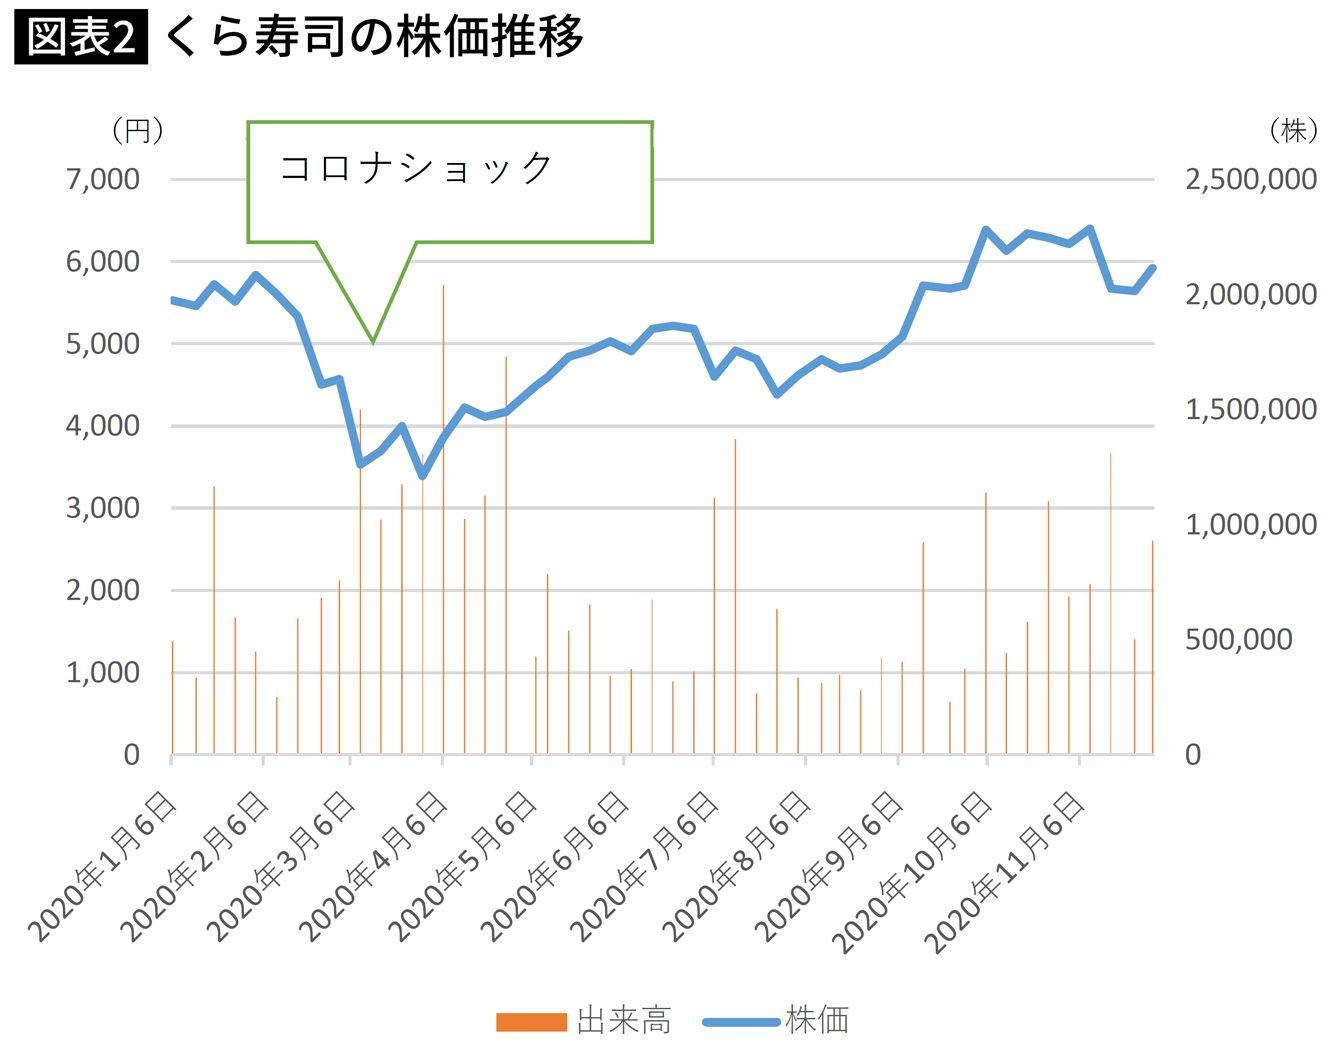 マクドナルド 株価 日本